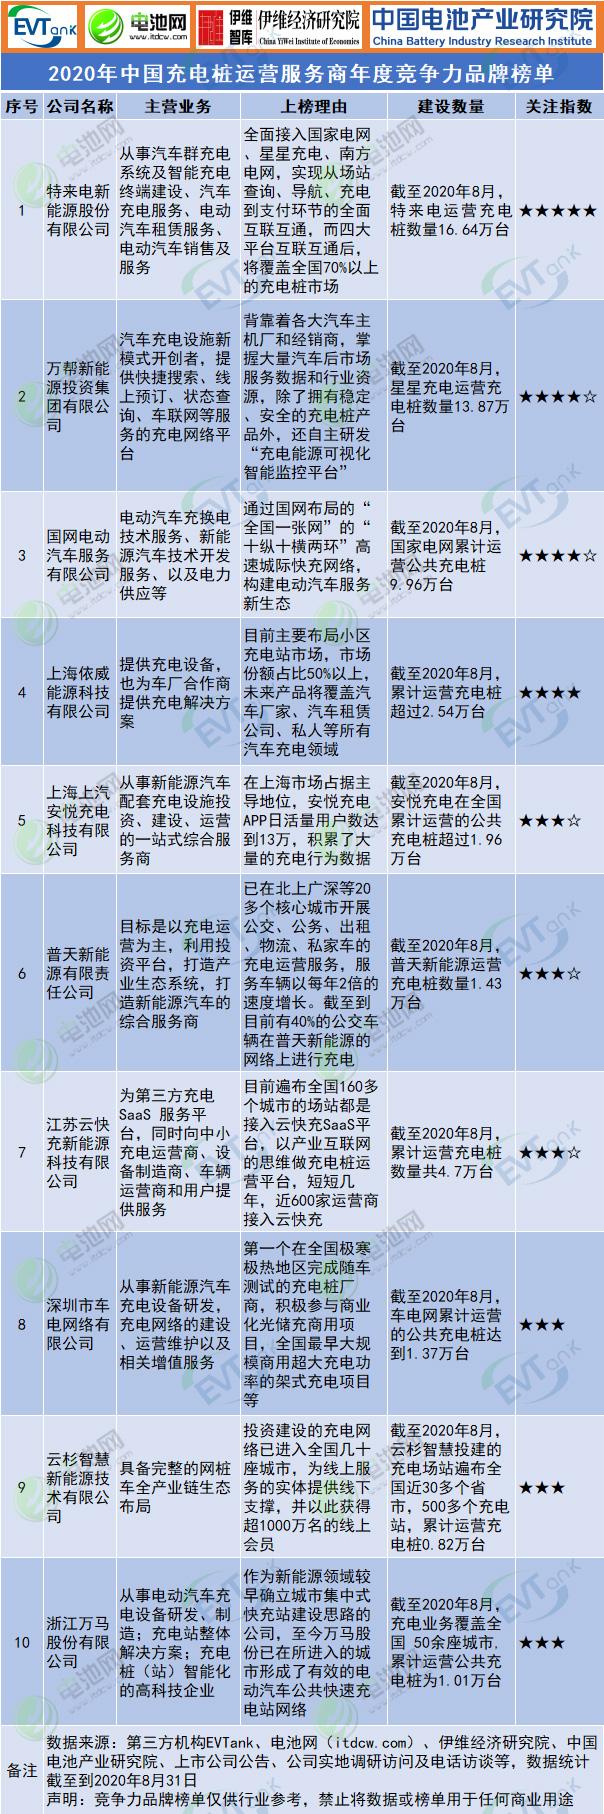 2020年中国充电桩运营服务商年度竞争力品牌榜单